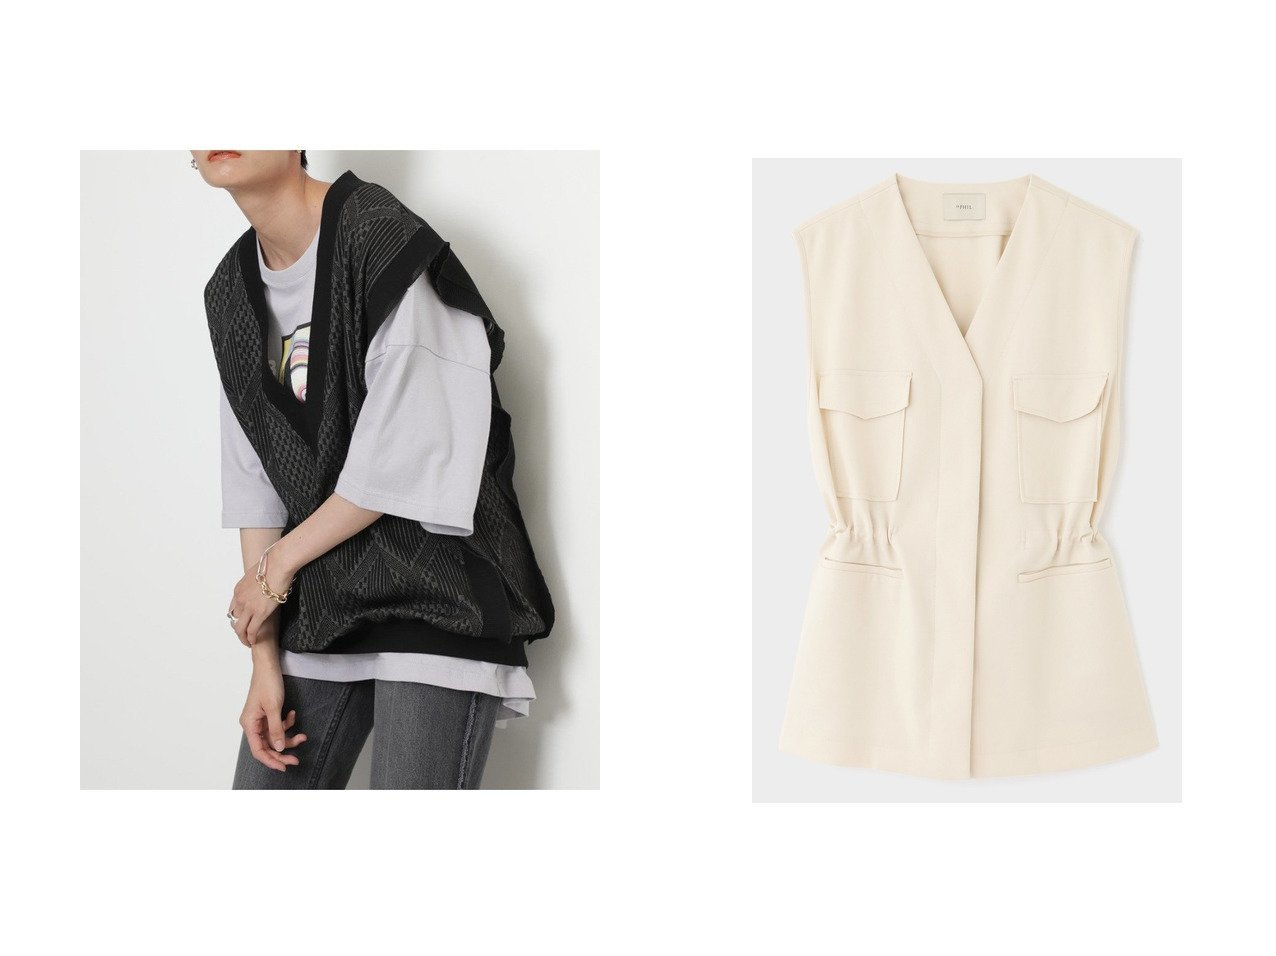 【LE PHIL/ル フィル】のライトツイルジャケット&【ROSE BUD/ローズバッド】のフリルディープVネックベスト 【アウター】おすすめ!人気、トレンド・レディースファッションの通販 おすすめで人気の流行・トレンド、ファッションの通販商品 インテリア・家具・メンズファッション・キッズファッション・レディースファッション・服の通販 founy(ファニー) https://founy.com/ ファッション Fashion レディースファッション WOMEN アウター Coat Outerwear ジャケット Jackets 2020年 2020 2020-2021秋冬・A/W AW・Autumn/Winter・FW・Fall-Winter/2020-2021 2021年 2021 2021-2022秋冬・A/W AW・Autumn/Winter・FW・Fall-Winter・2021-2022 A/W・秋冬 AW・Autumn/Winter・FW・Fall-Winter おすすめ Recommend インナー シフォン ジャケット スリーブ タートルネック フェミニン フリル プリーツ ベスト ミックス 夏 Summer 秋 Autumn/Fall セットアップ ノースリーブ ミリタリー  ID:crp329100000058634